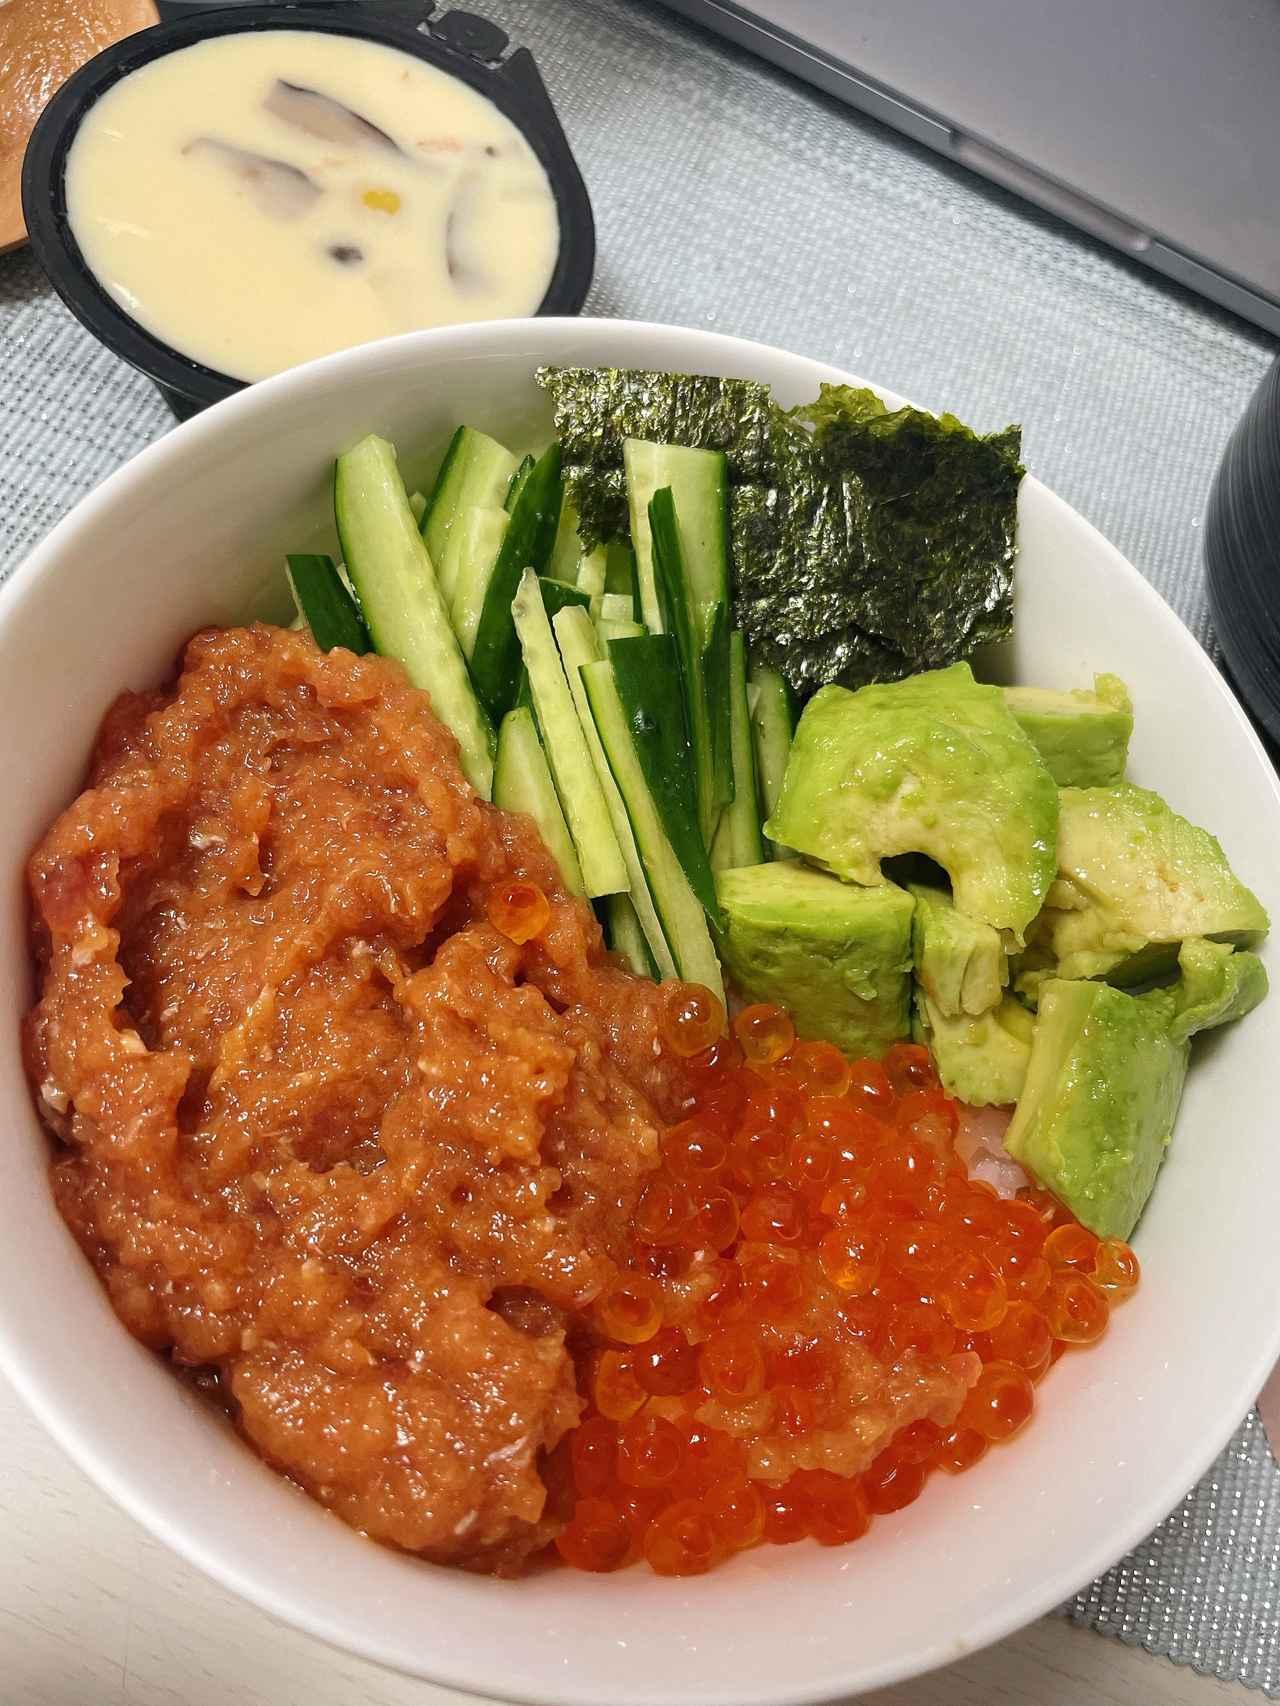 画像: 番外編2。家でも海鮮丼を作ります!これは昨日の夜ごはんです(笑) アボカドもよく合います。